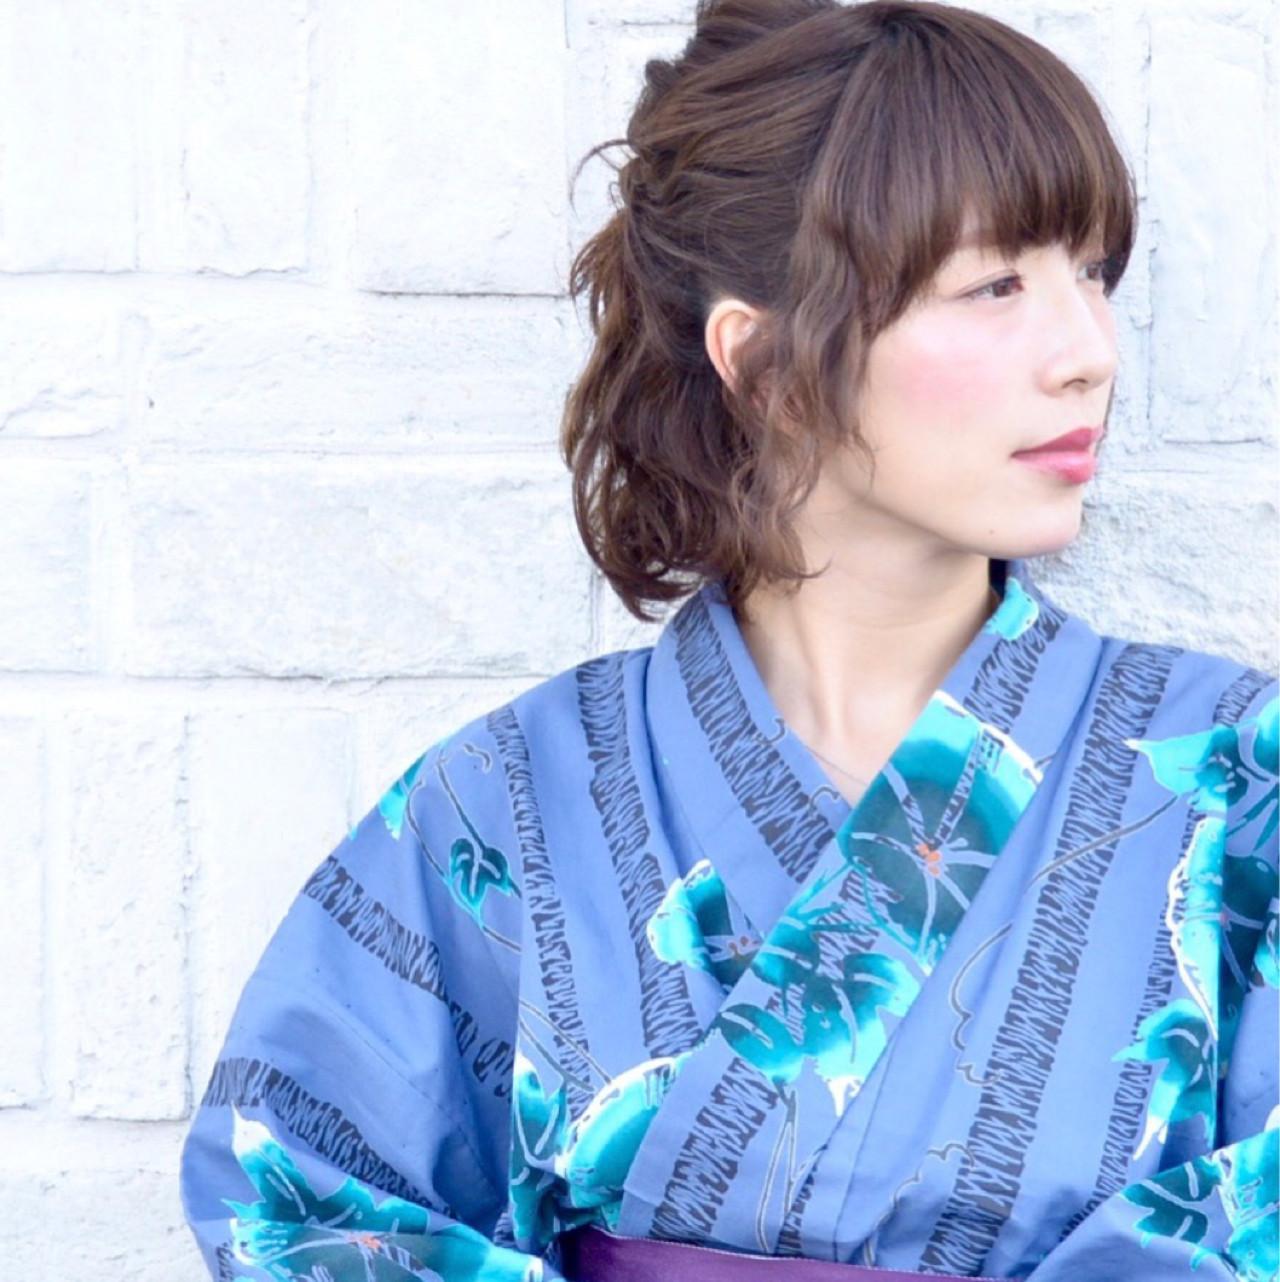 くるりんぱの簡単ハーフアップでナチュラル美女 中野 裕介/jap international